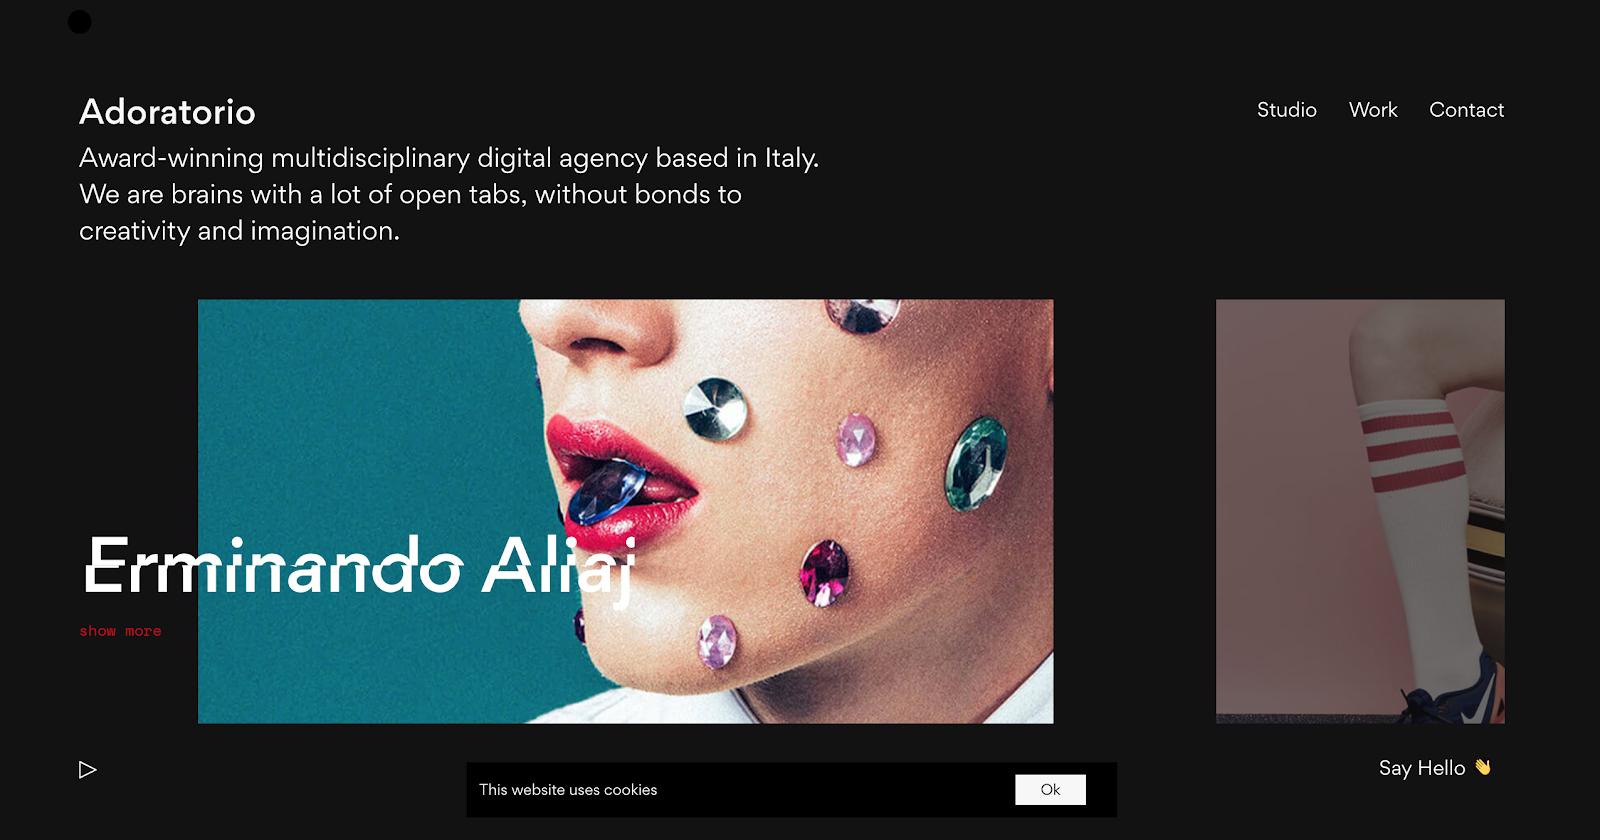 Portfolio en ligne de l'agence digitale Adoratorio